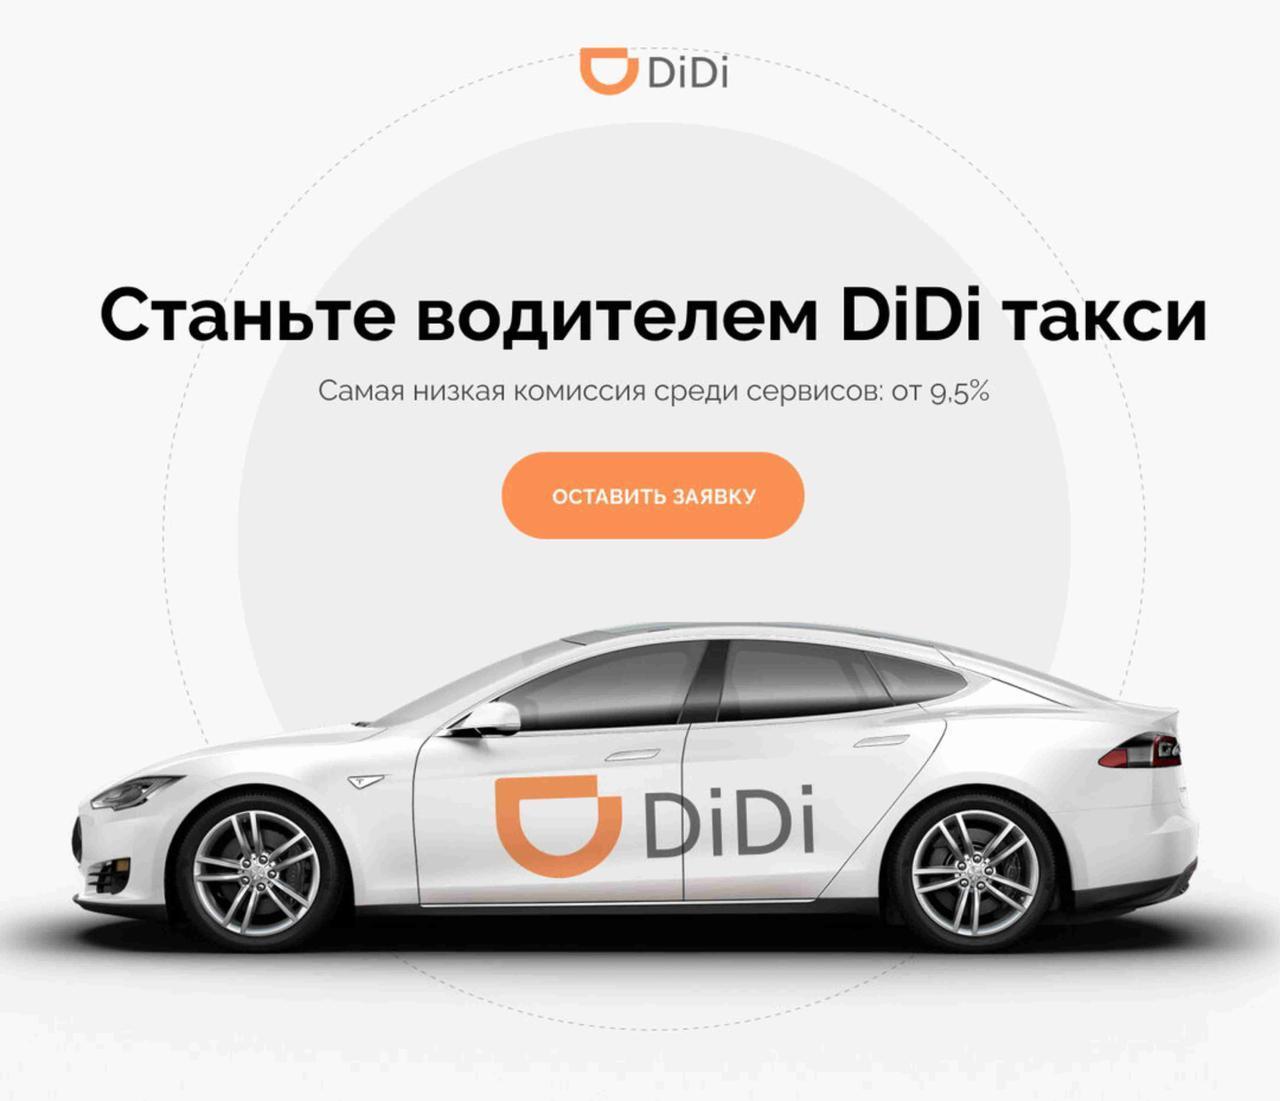 Подвеска водителя DiDi такси онлайн